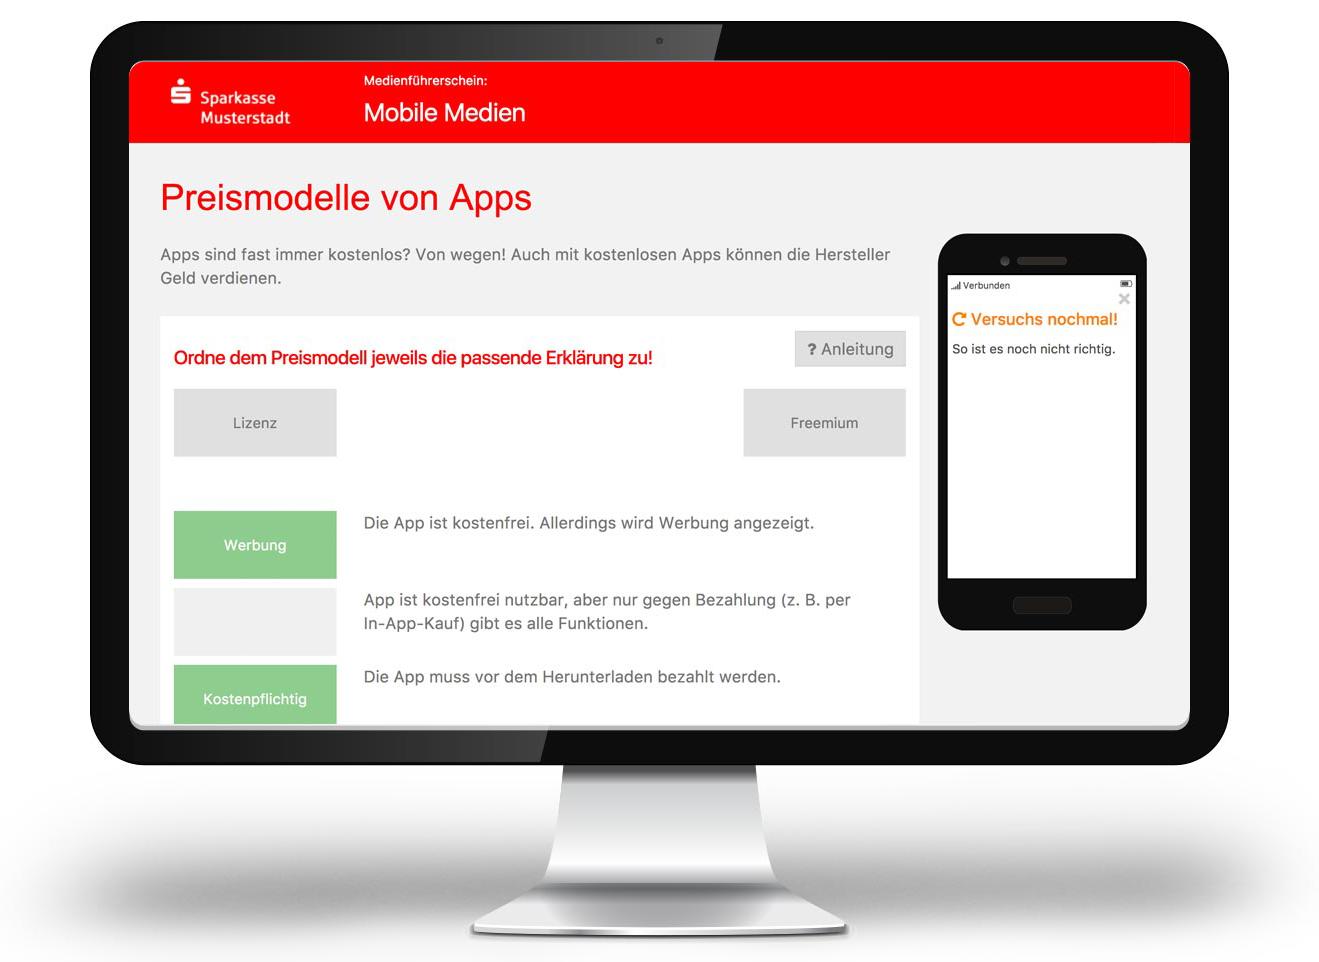 Medienführerschein Screenshot 2